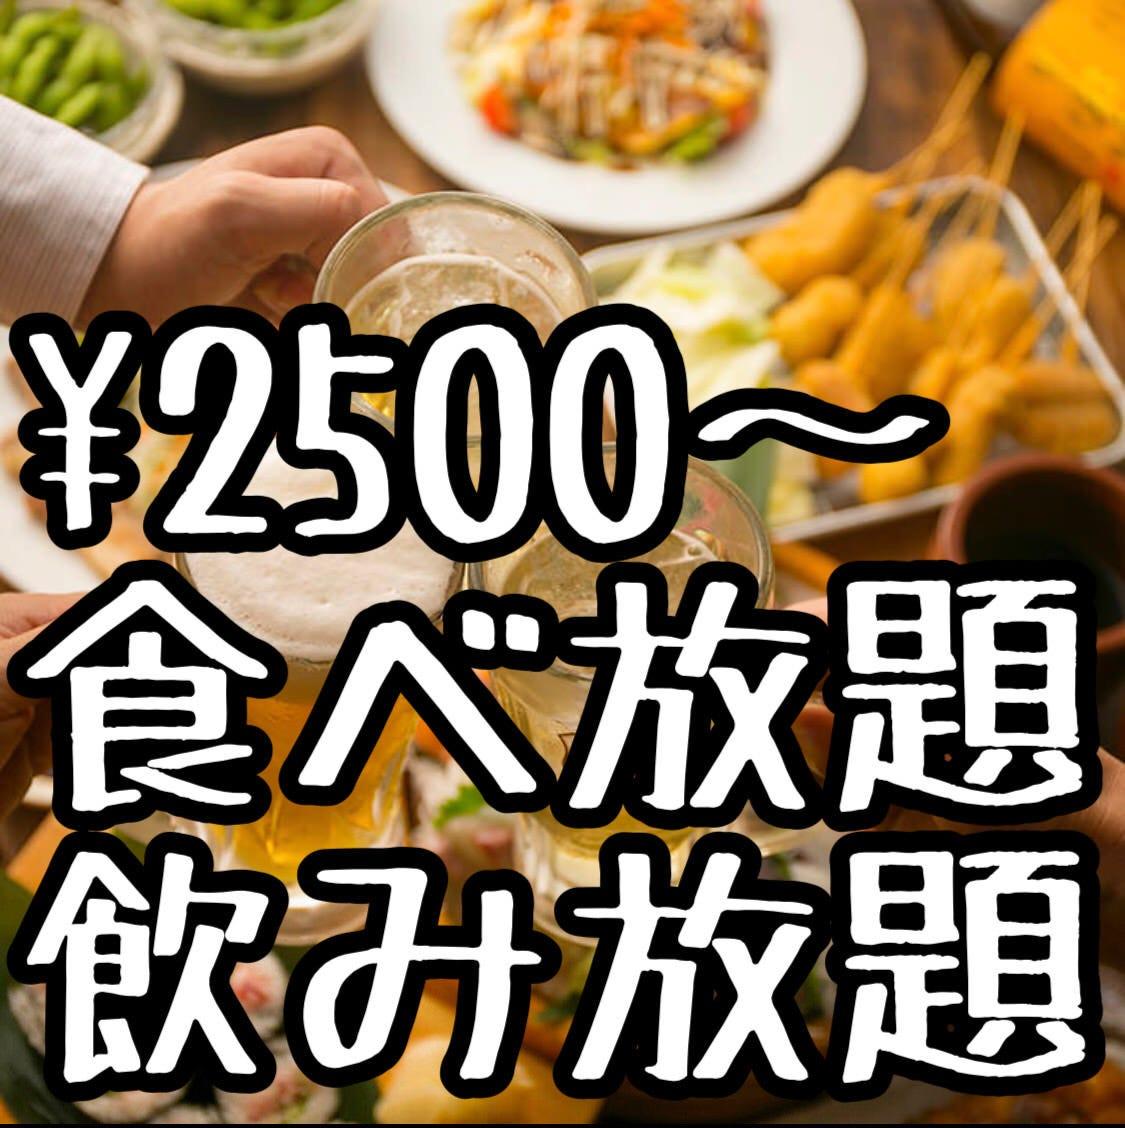 食べ飲み放題が断然お得!2,500円~